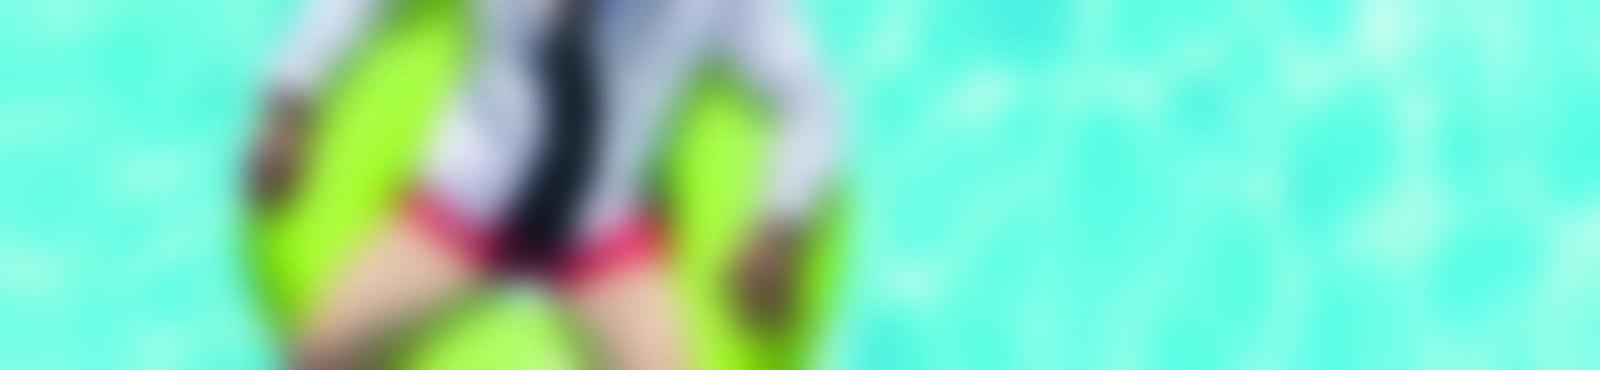 Blurred b667d814 c27d 4c57 a04c fce3ffb09693